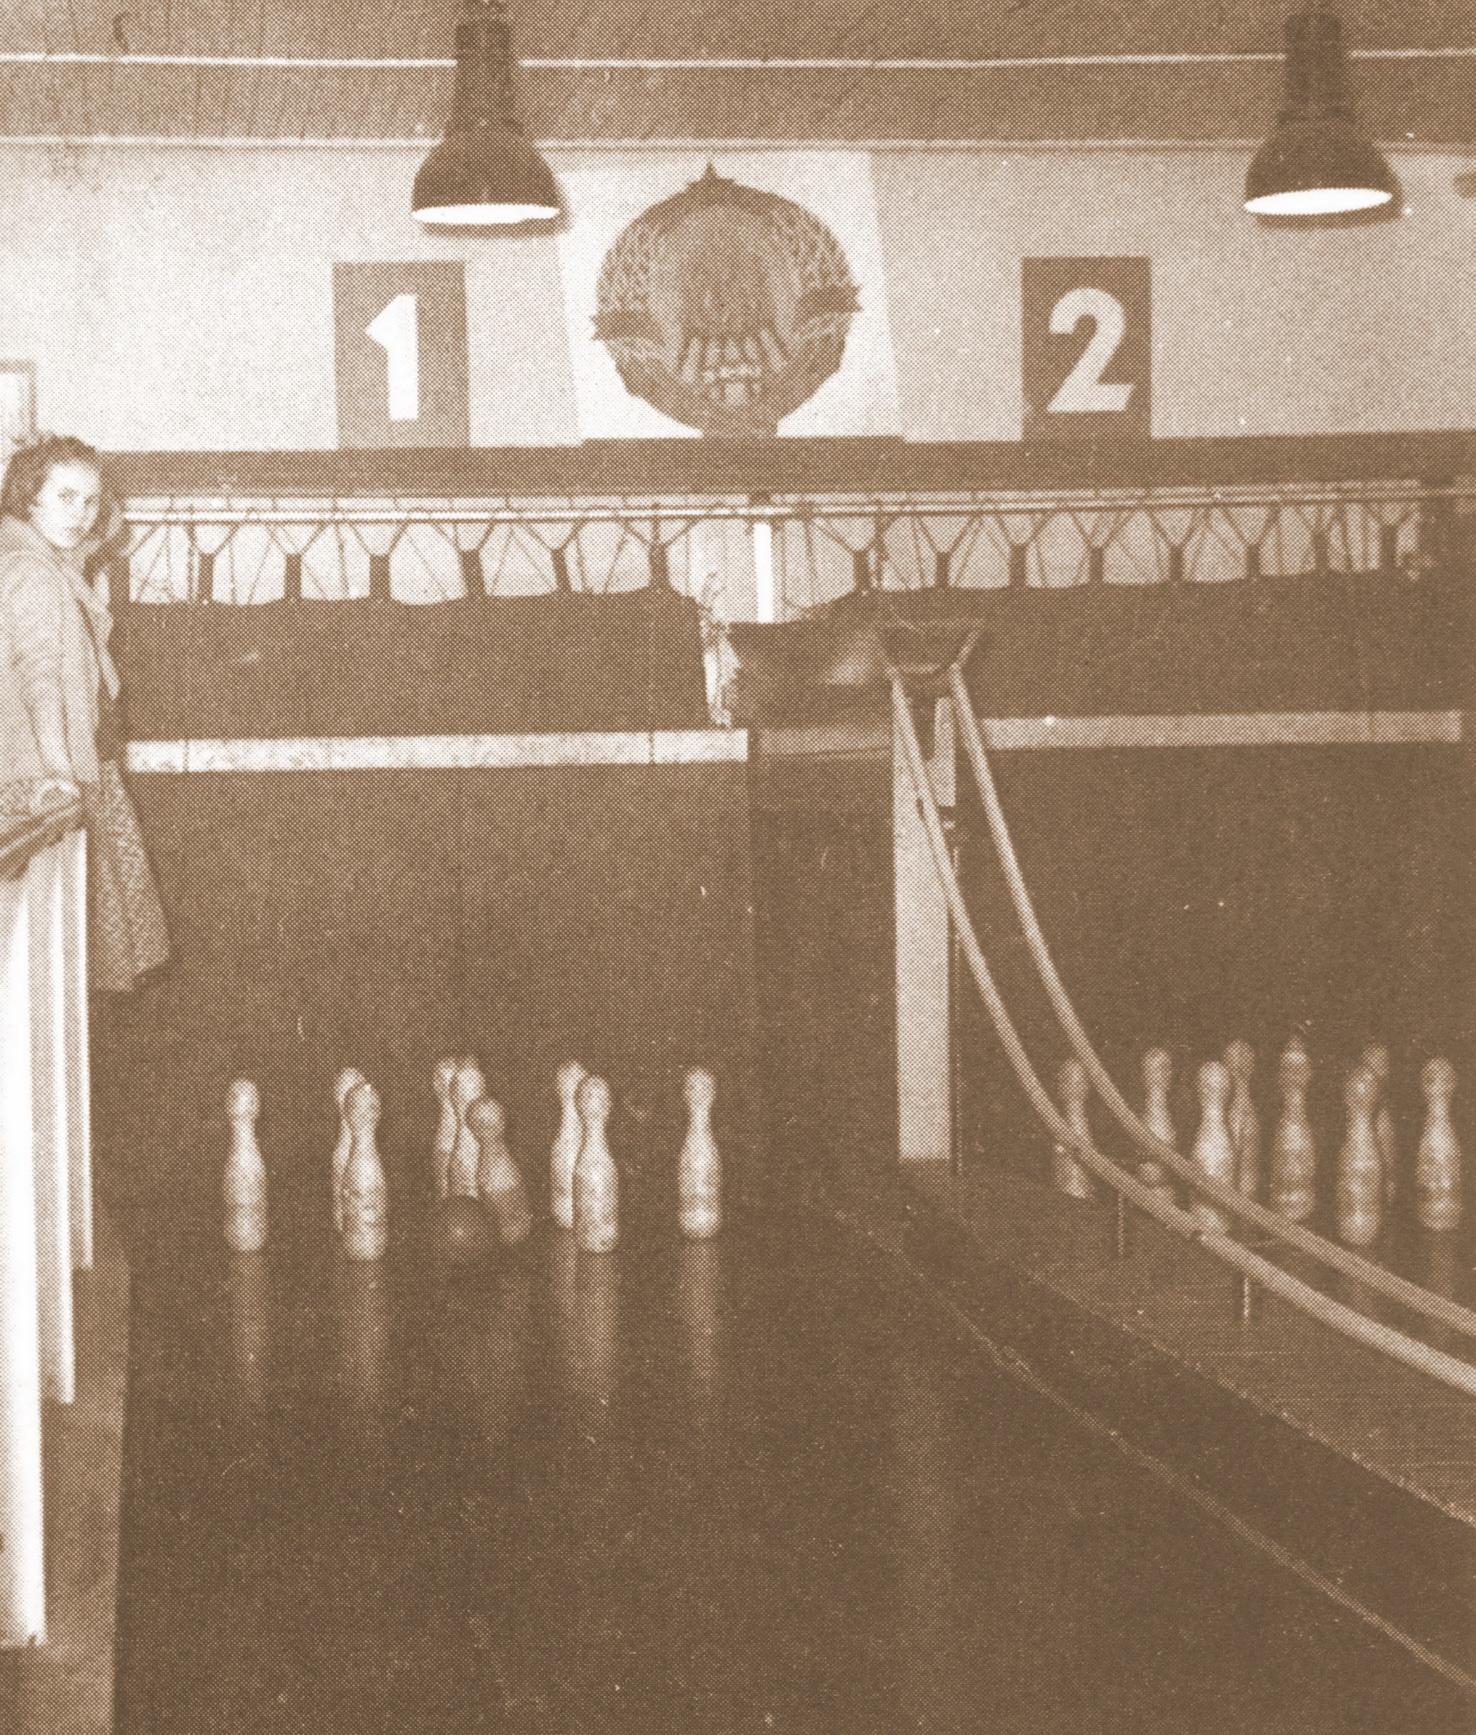 Postavljačica kegljev, 1956